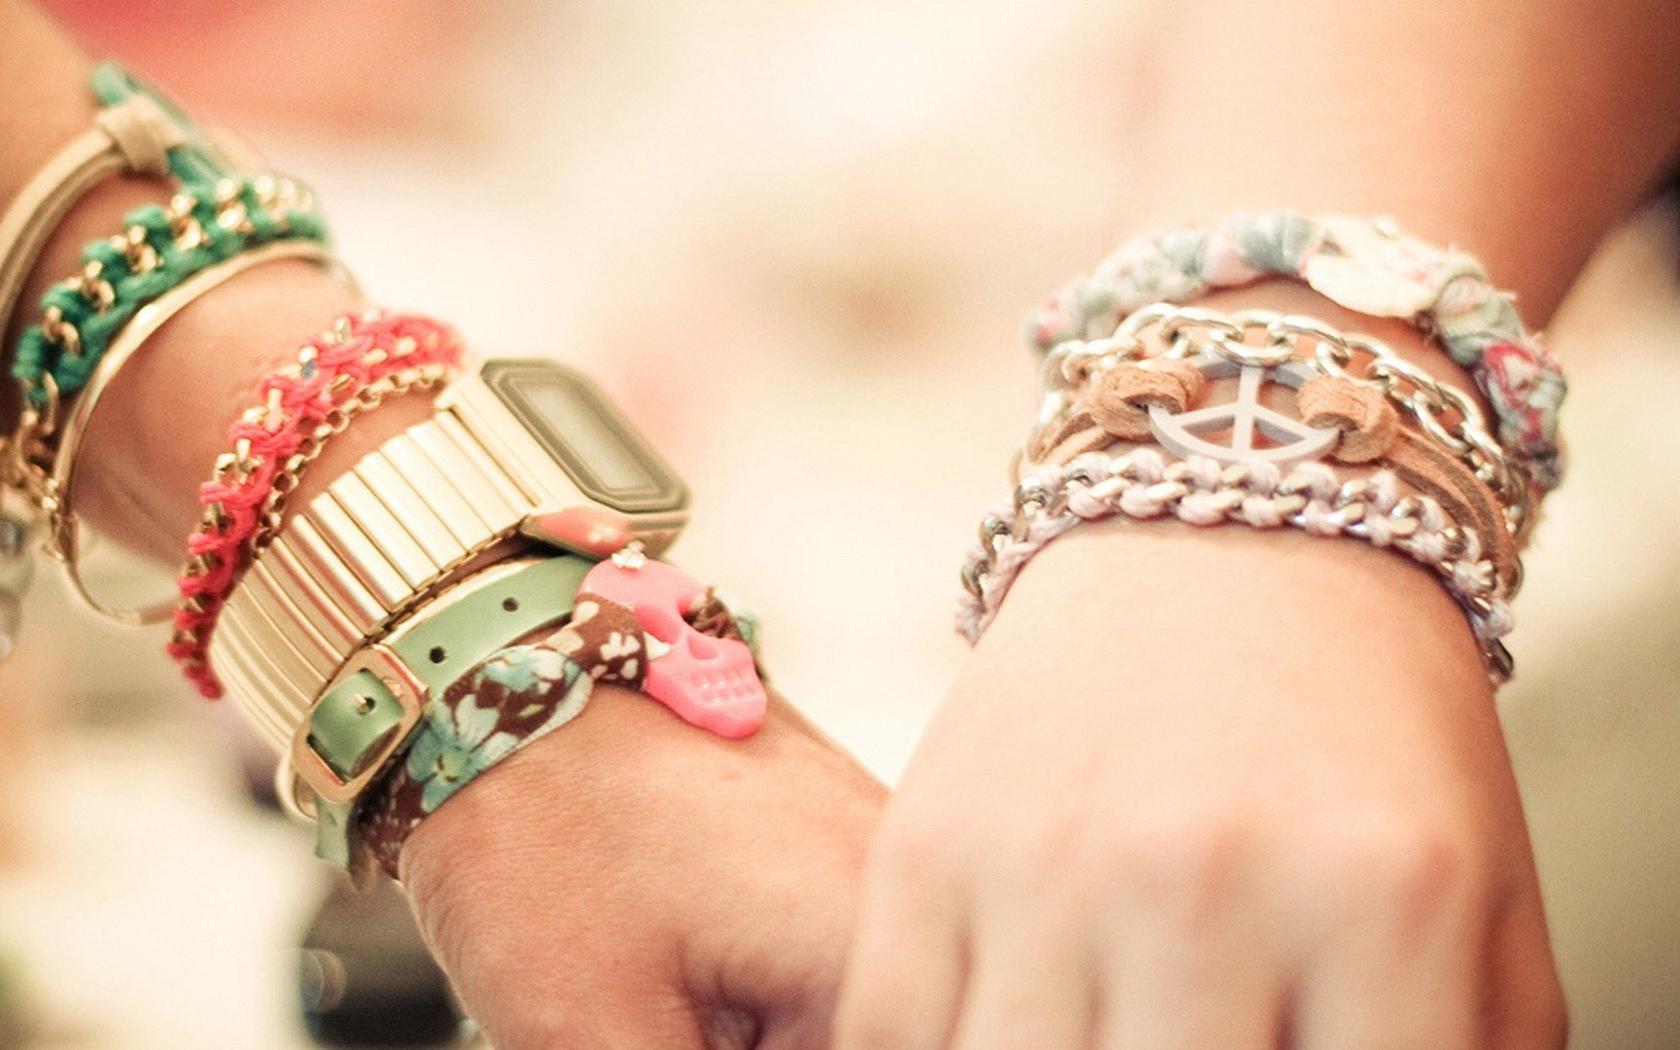 Выбираем серебряный браслет: какие критерии и нюансы важно учитывать?